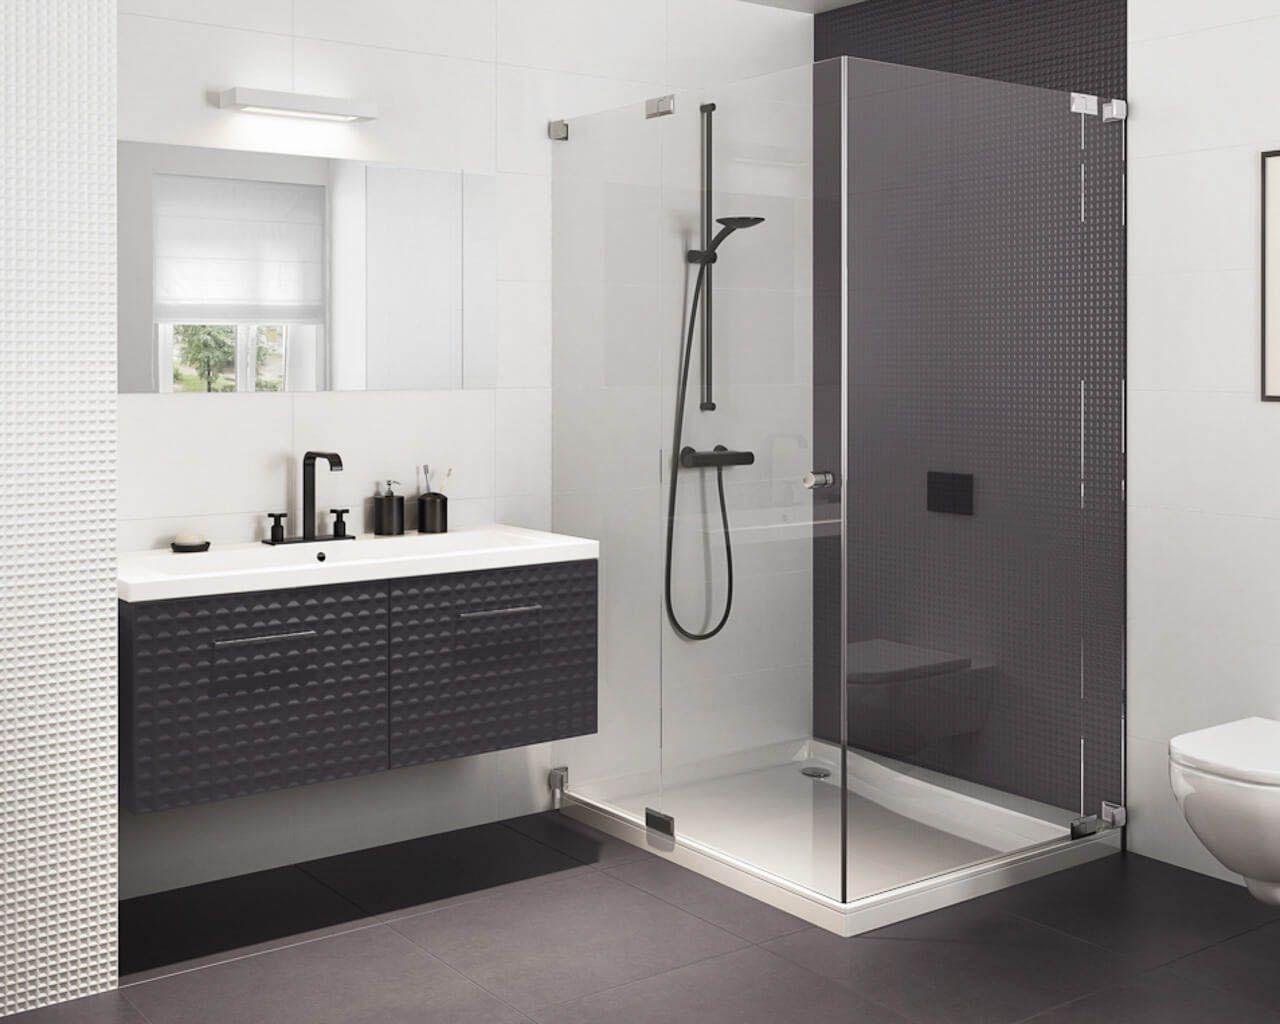 Minimalistyczna łazienka Z Prysznicem W Bieli I Czerni